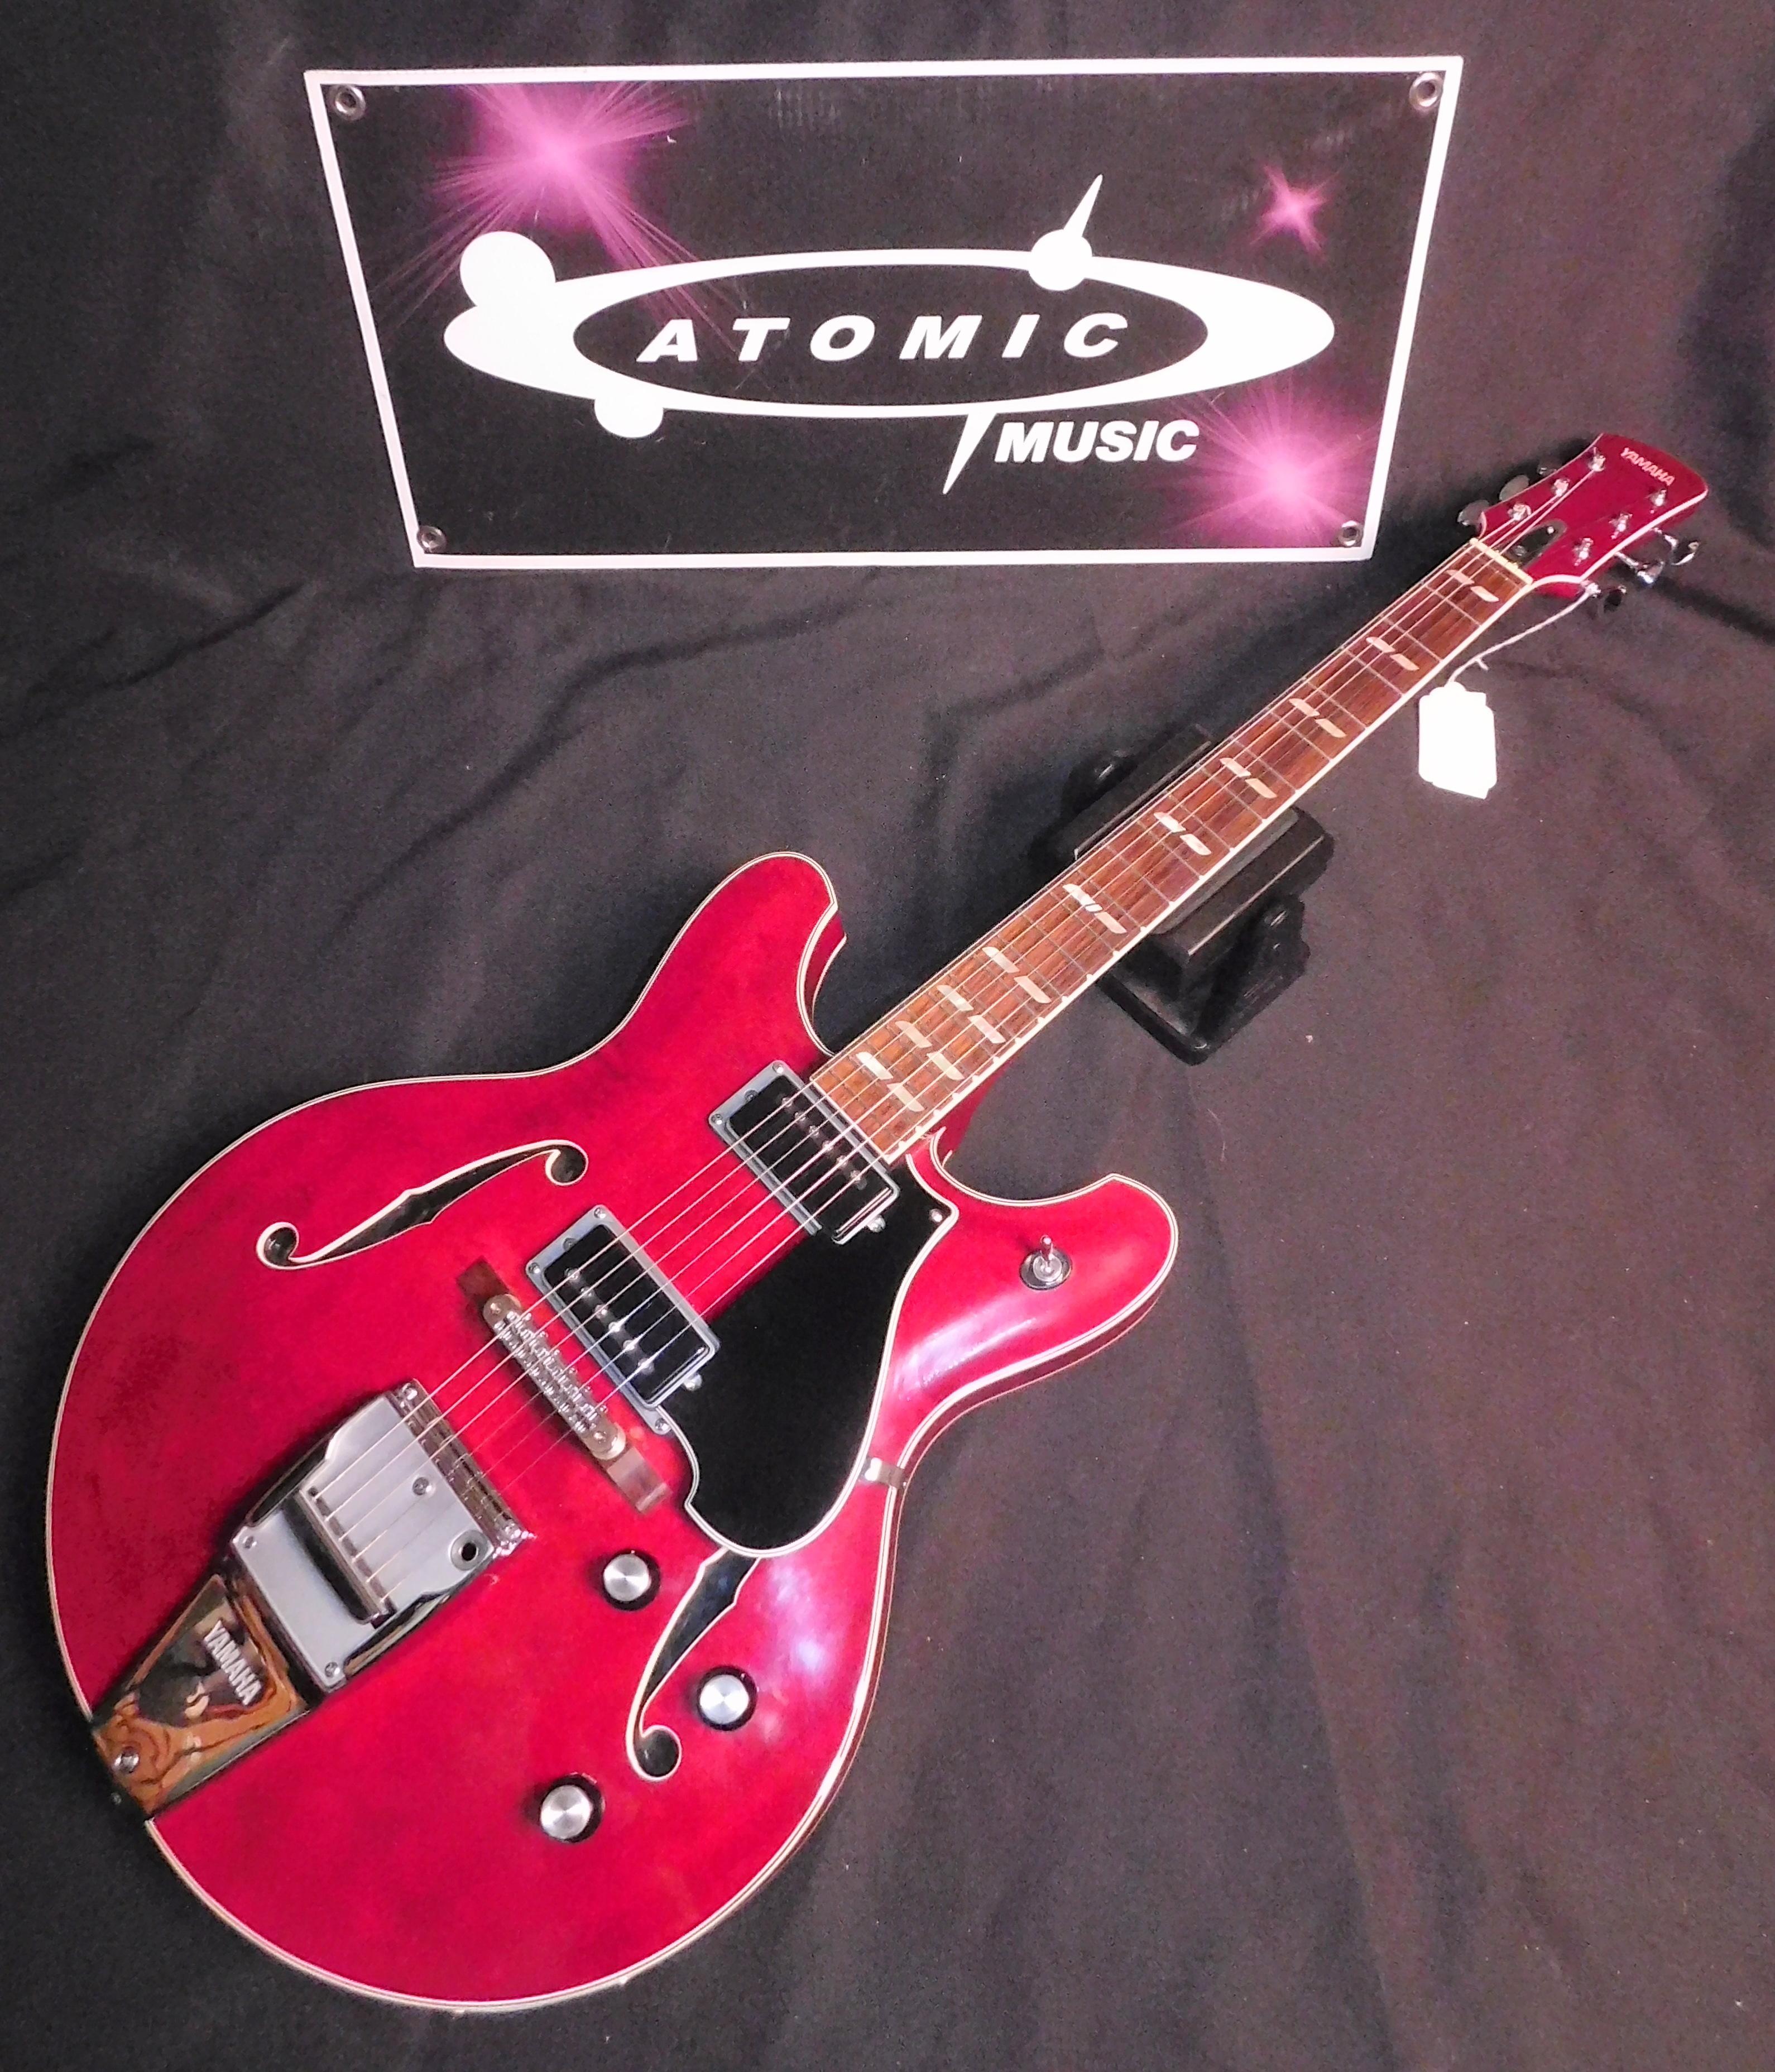 1967 YAMAHA SA50 Semi-Acoustic GUITAR - **TRUE VINTAGE** SA 50 IN GREAT CONDITION!